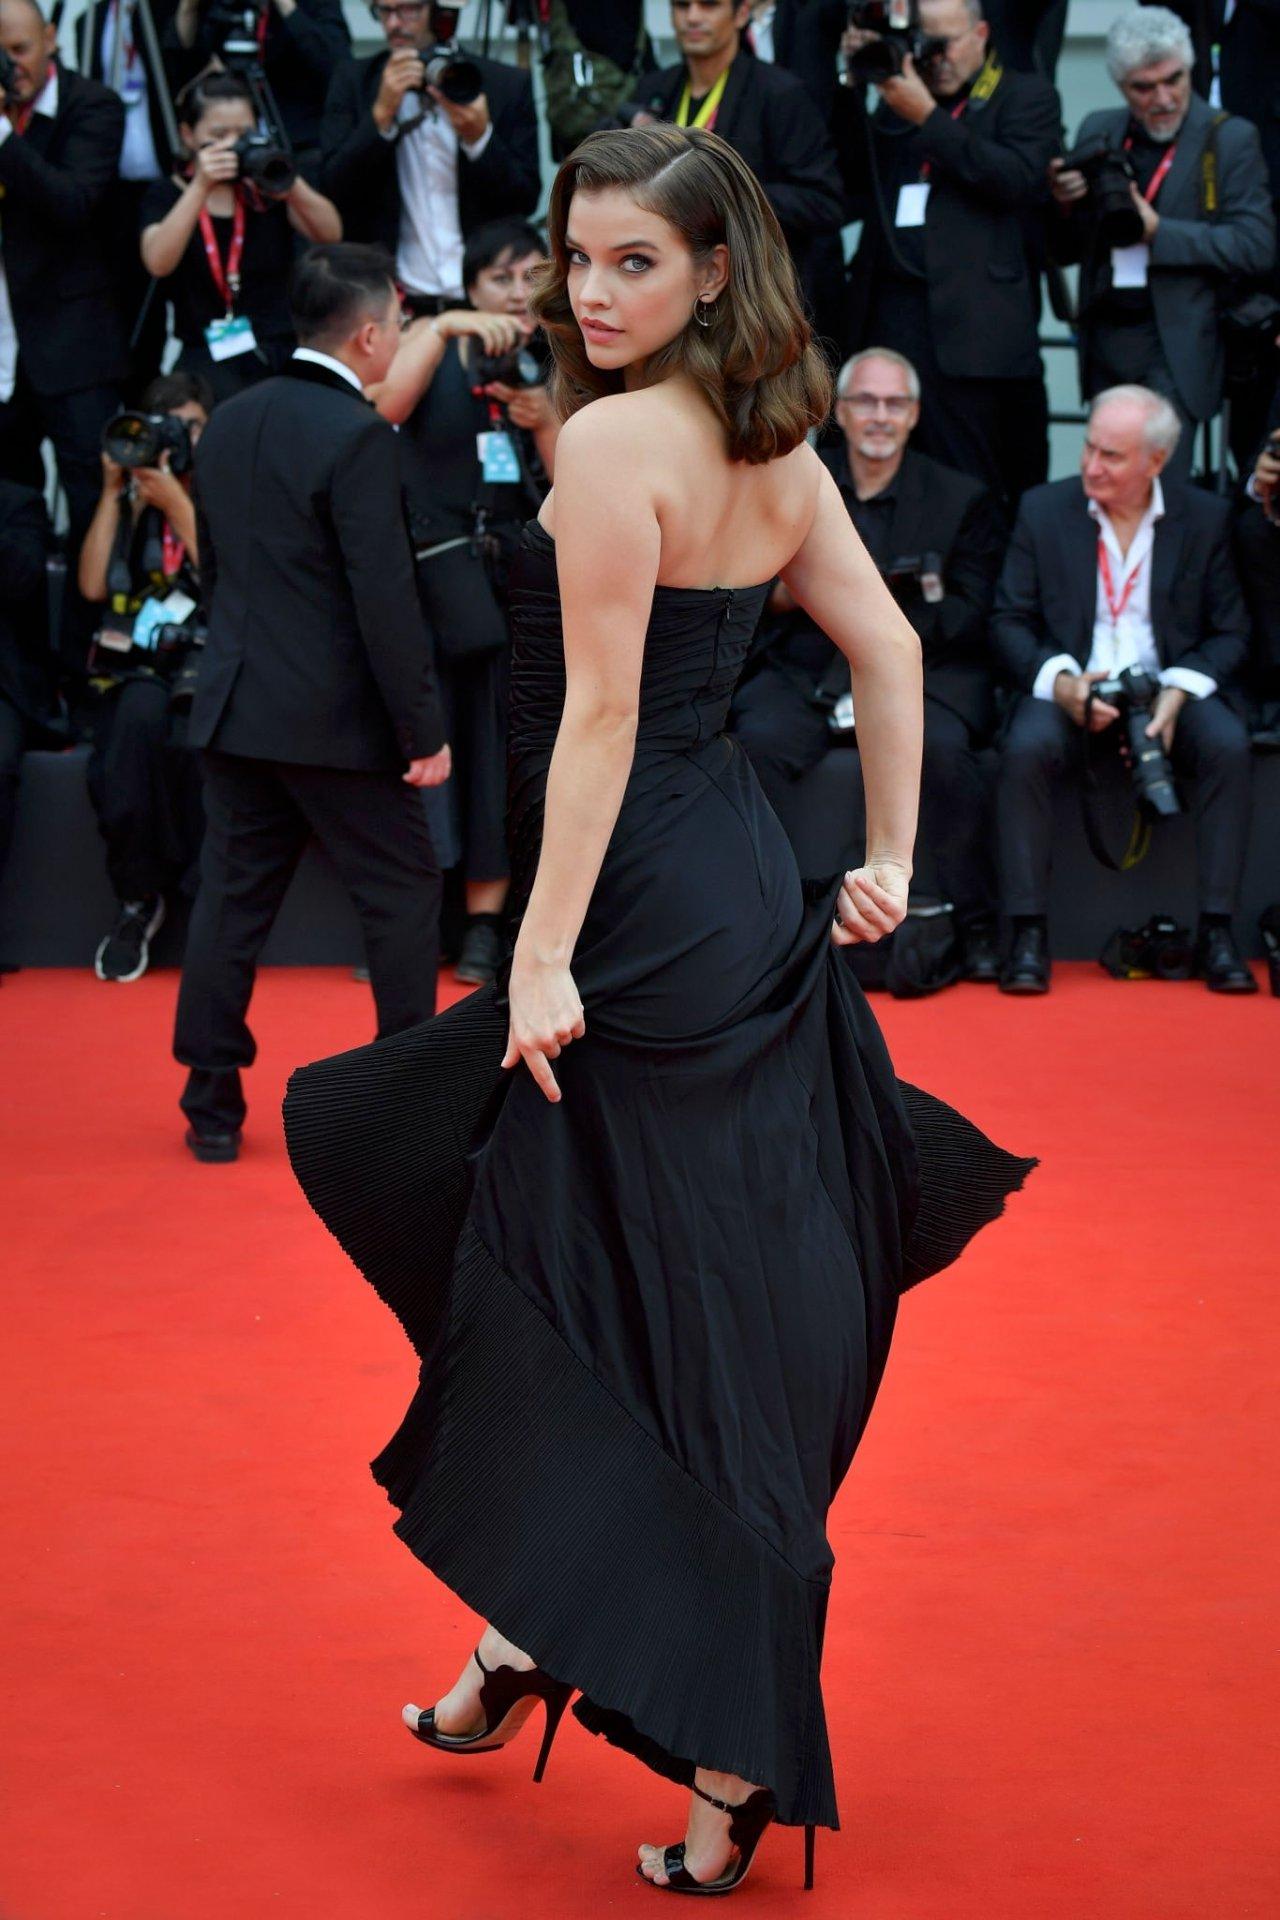 Barbara Palvin Beautiful On Red Carpet